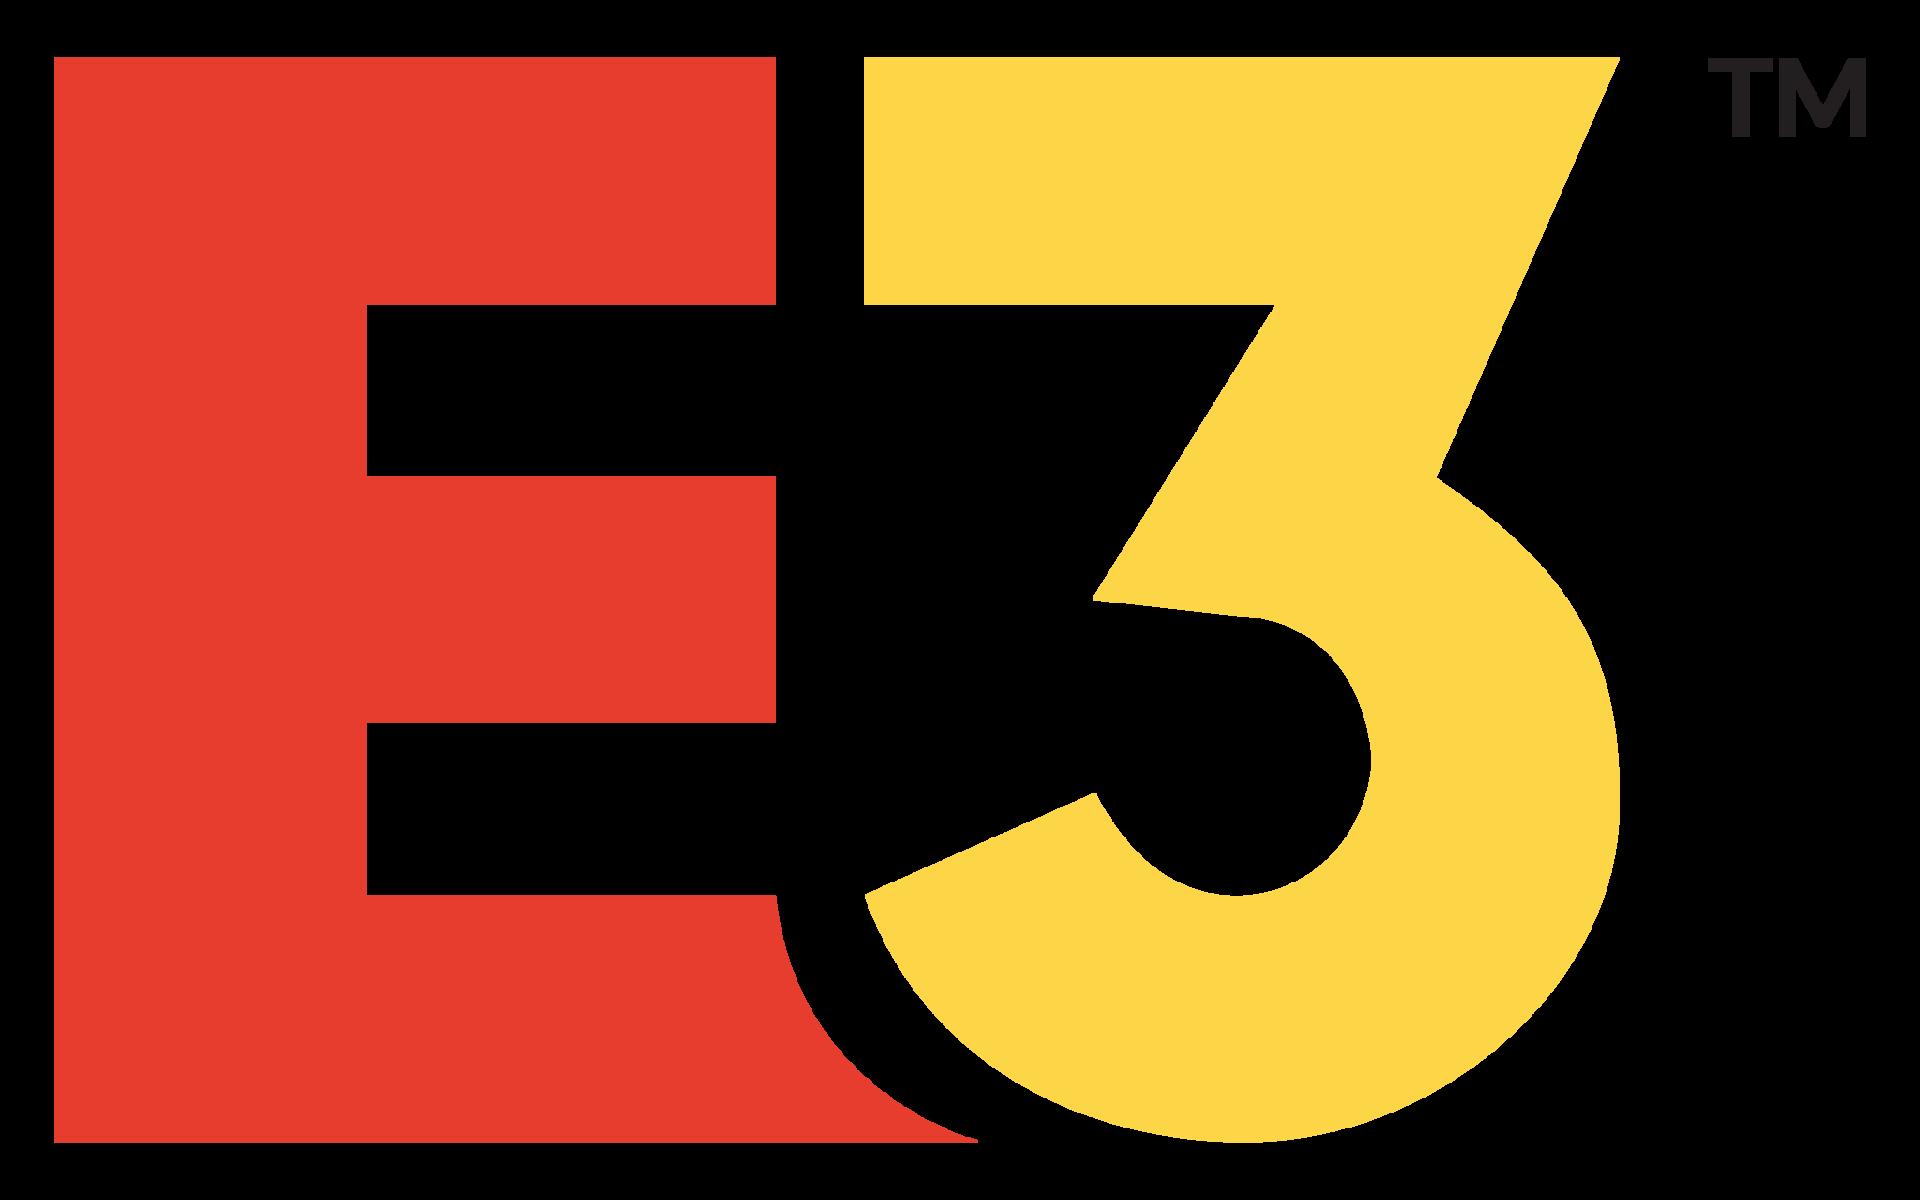 Großer E3-Leak zeigt Bloodborne 2 und PUBG für PS4 – Was gibt's noch?